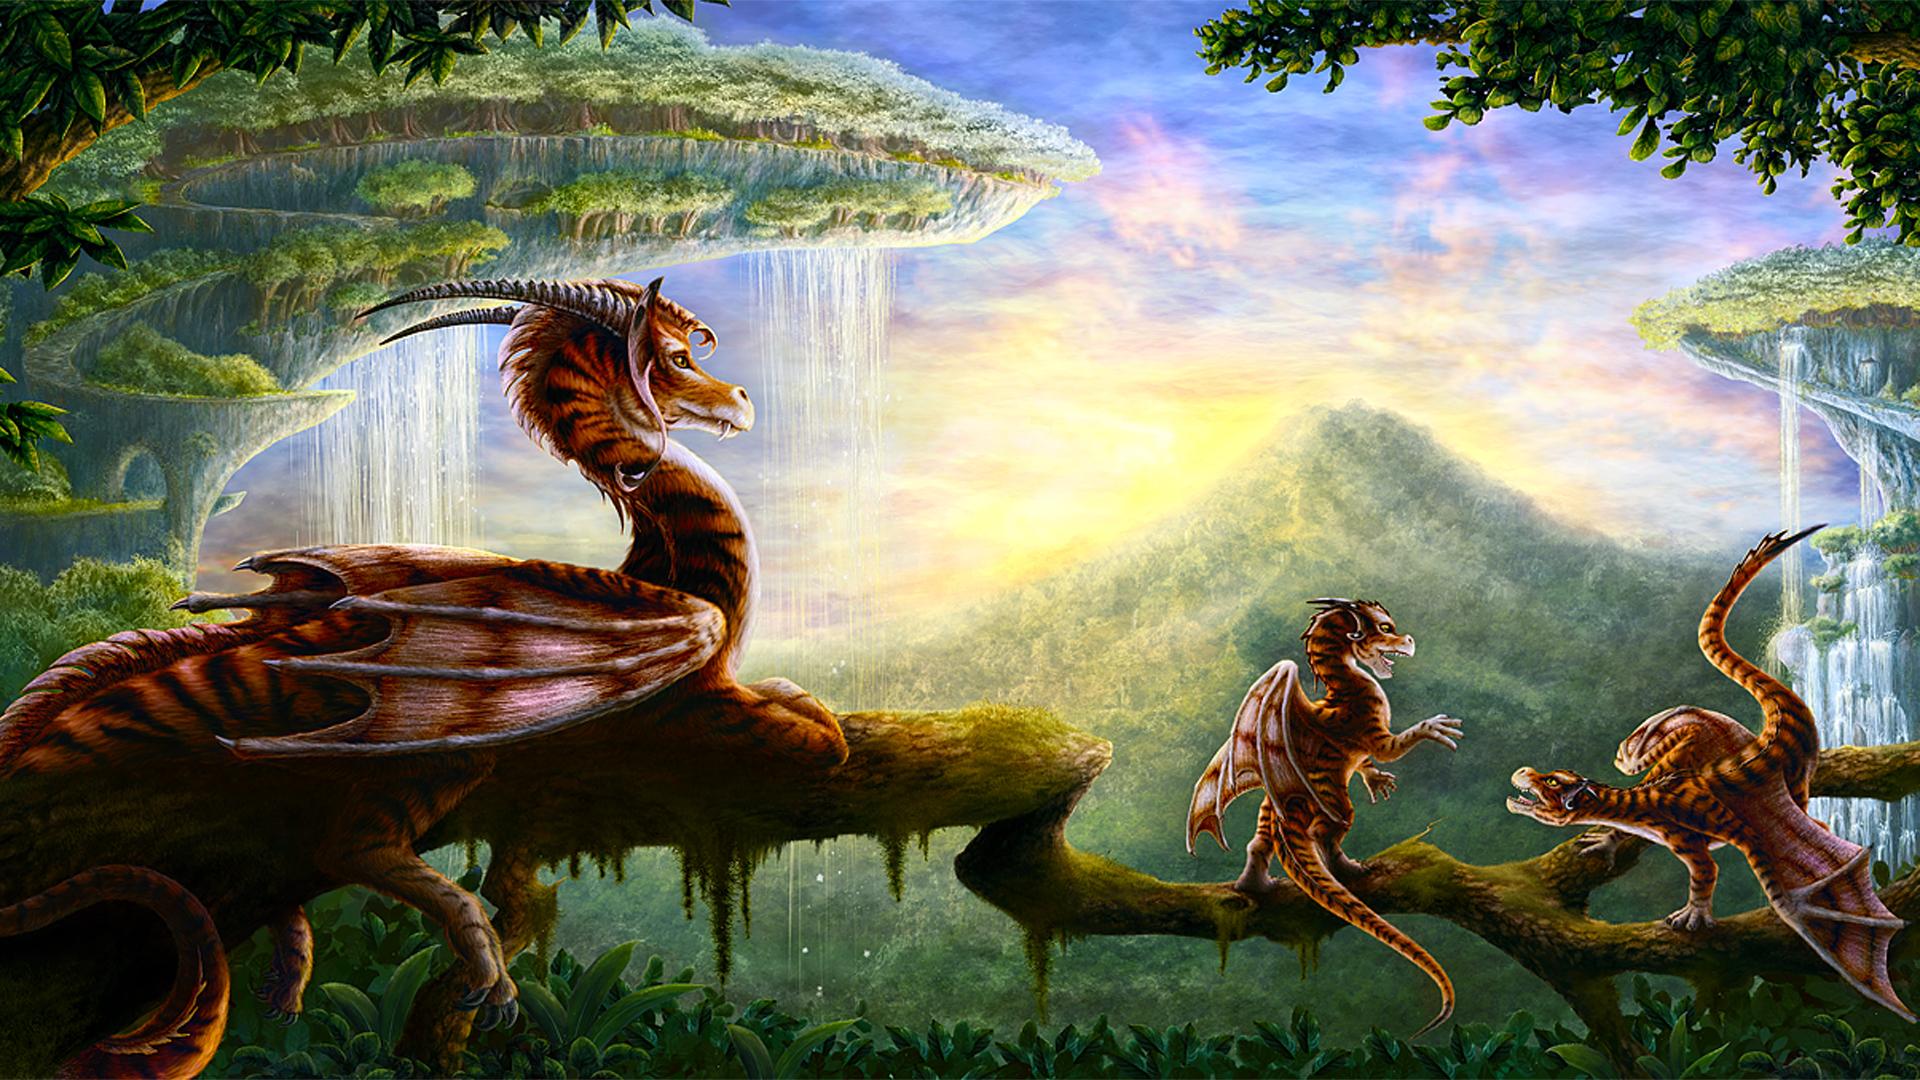 dragon landscape scenic wallpaper - photo #33